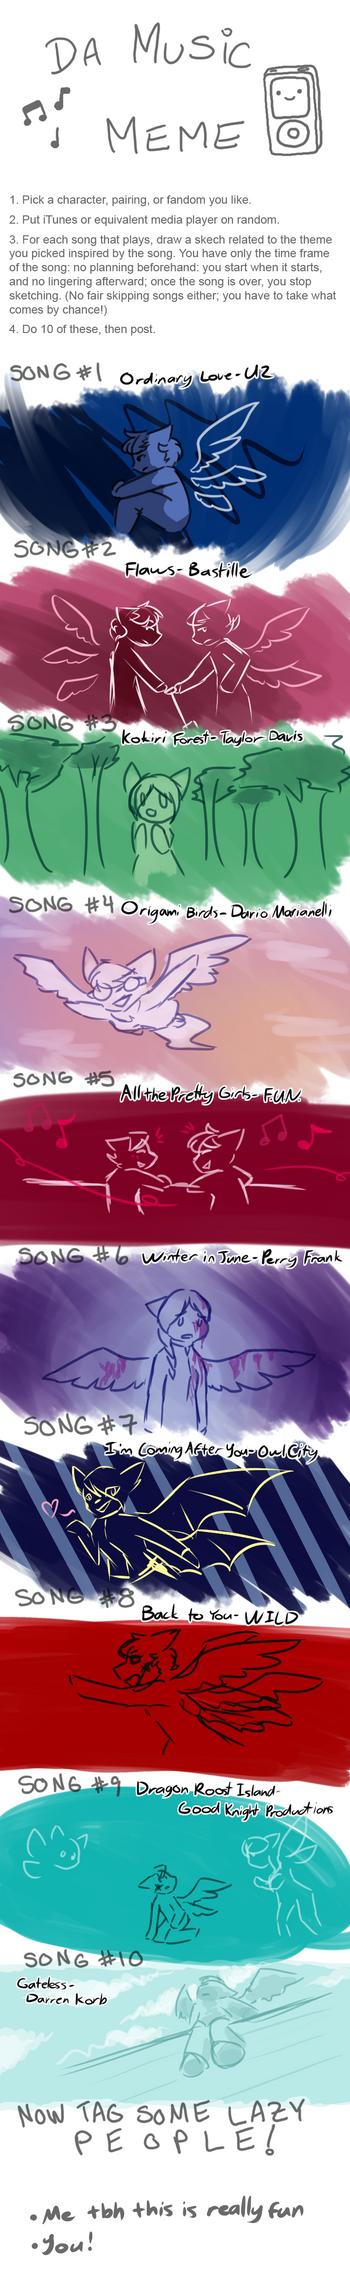 Music Meme 2 by Zeldeon